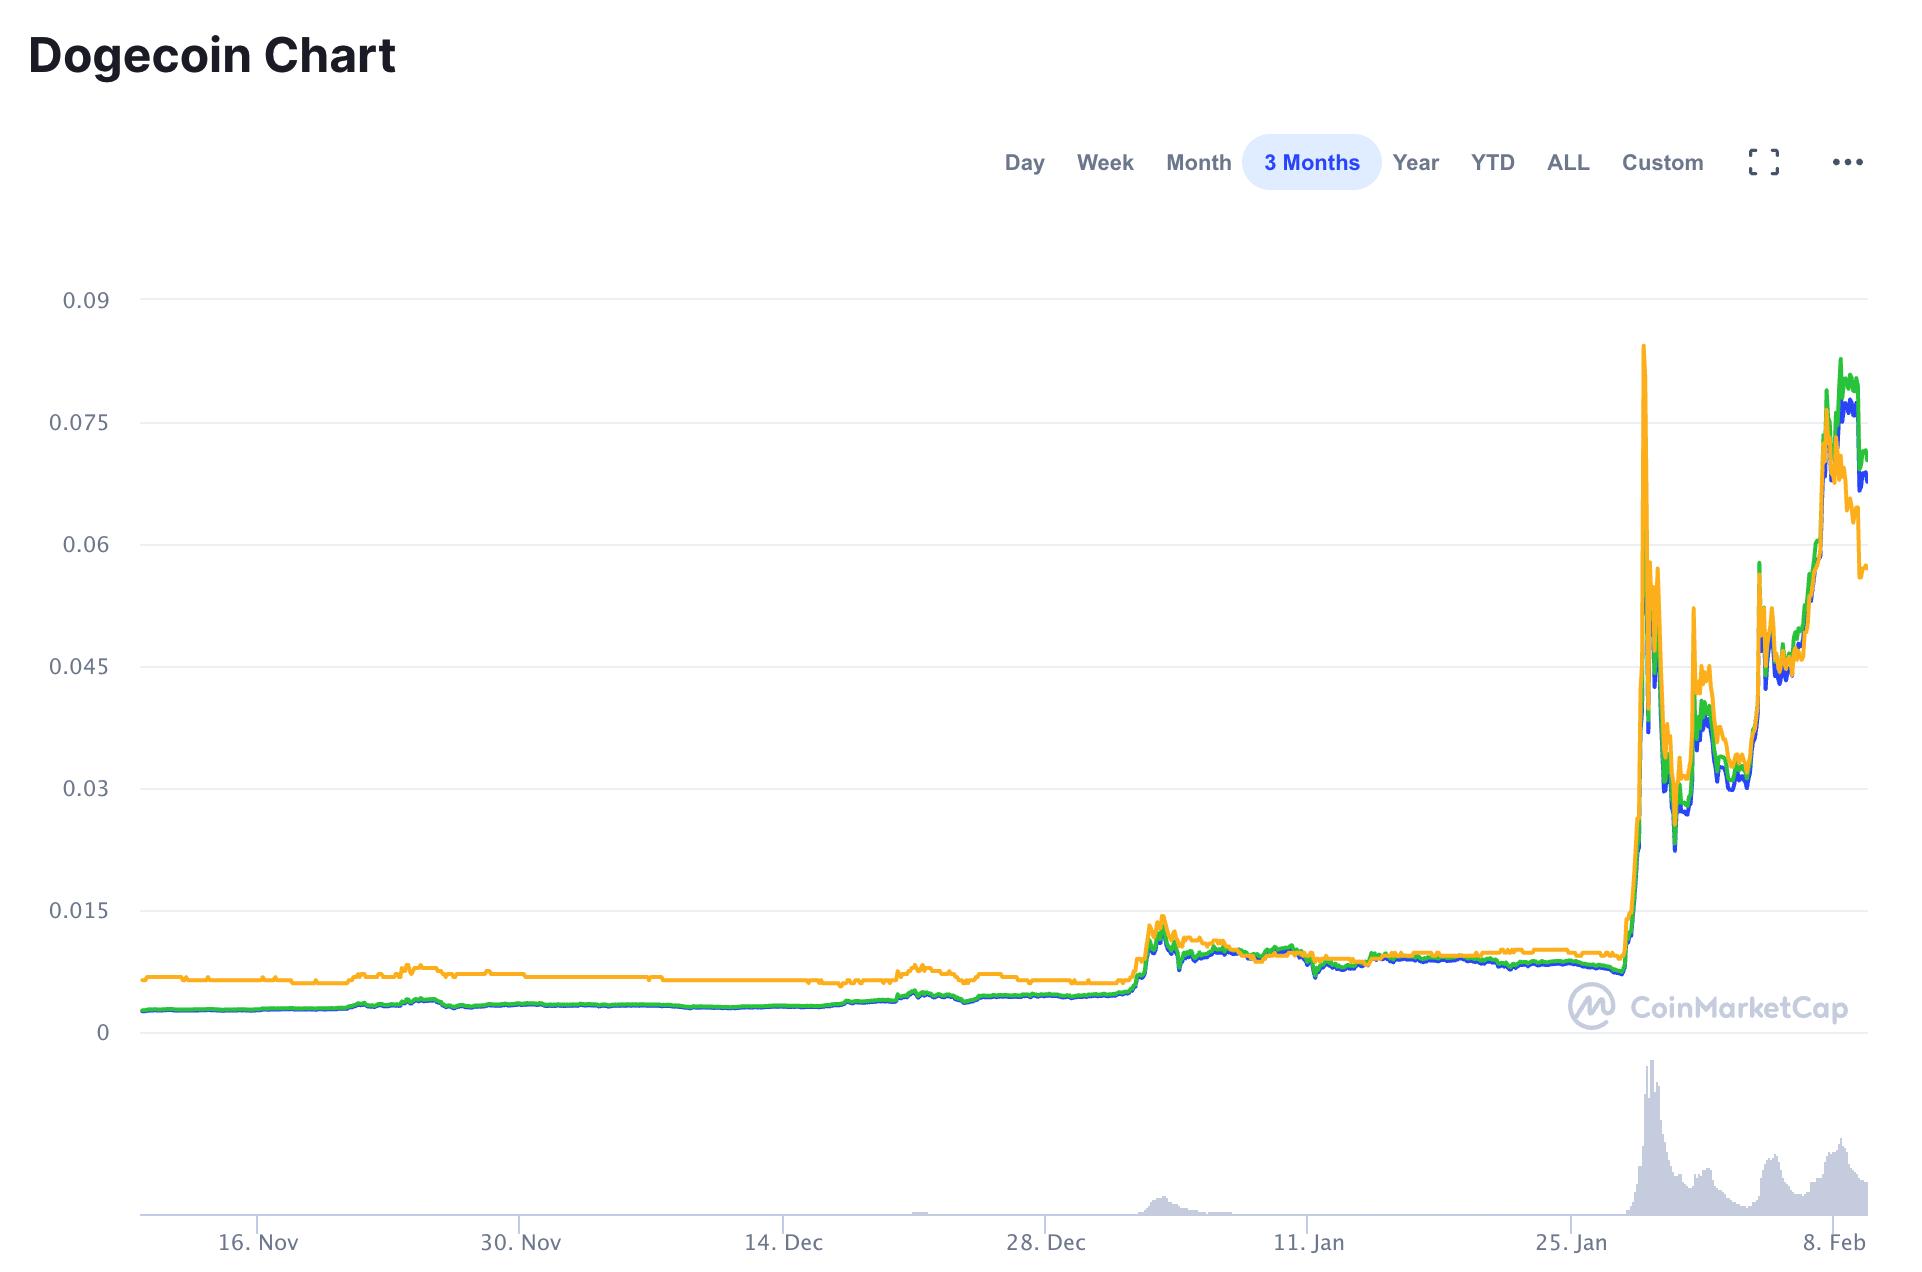 Dogecoin 3-Month Chart